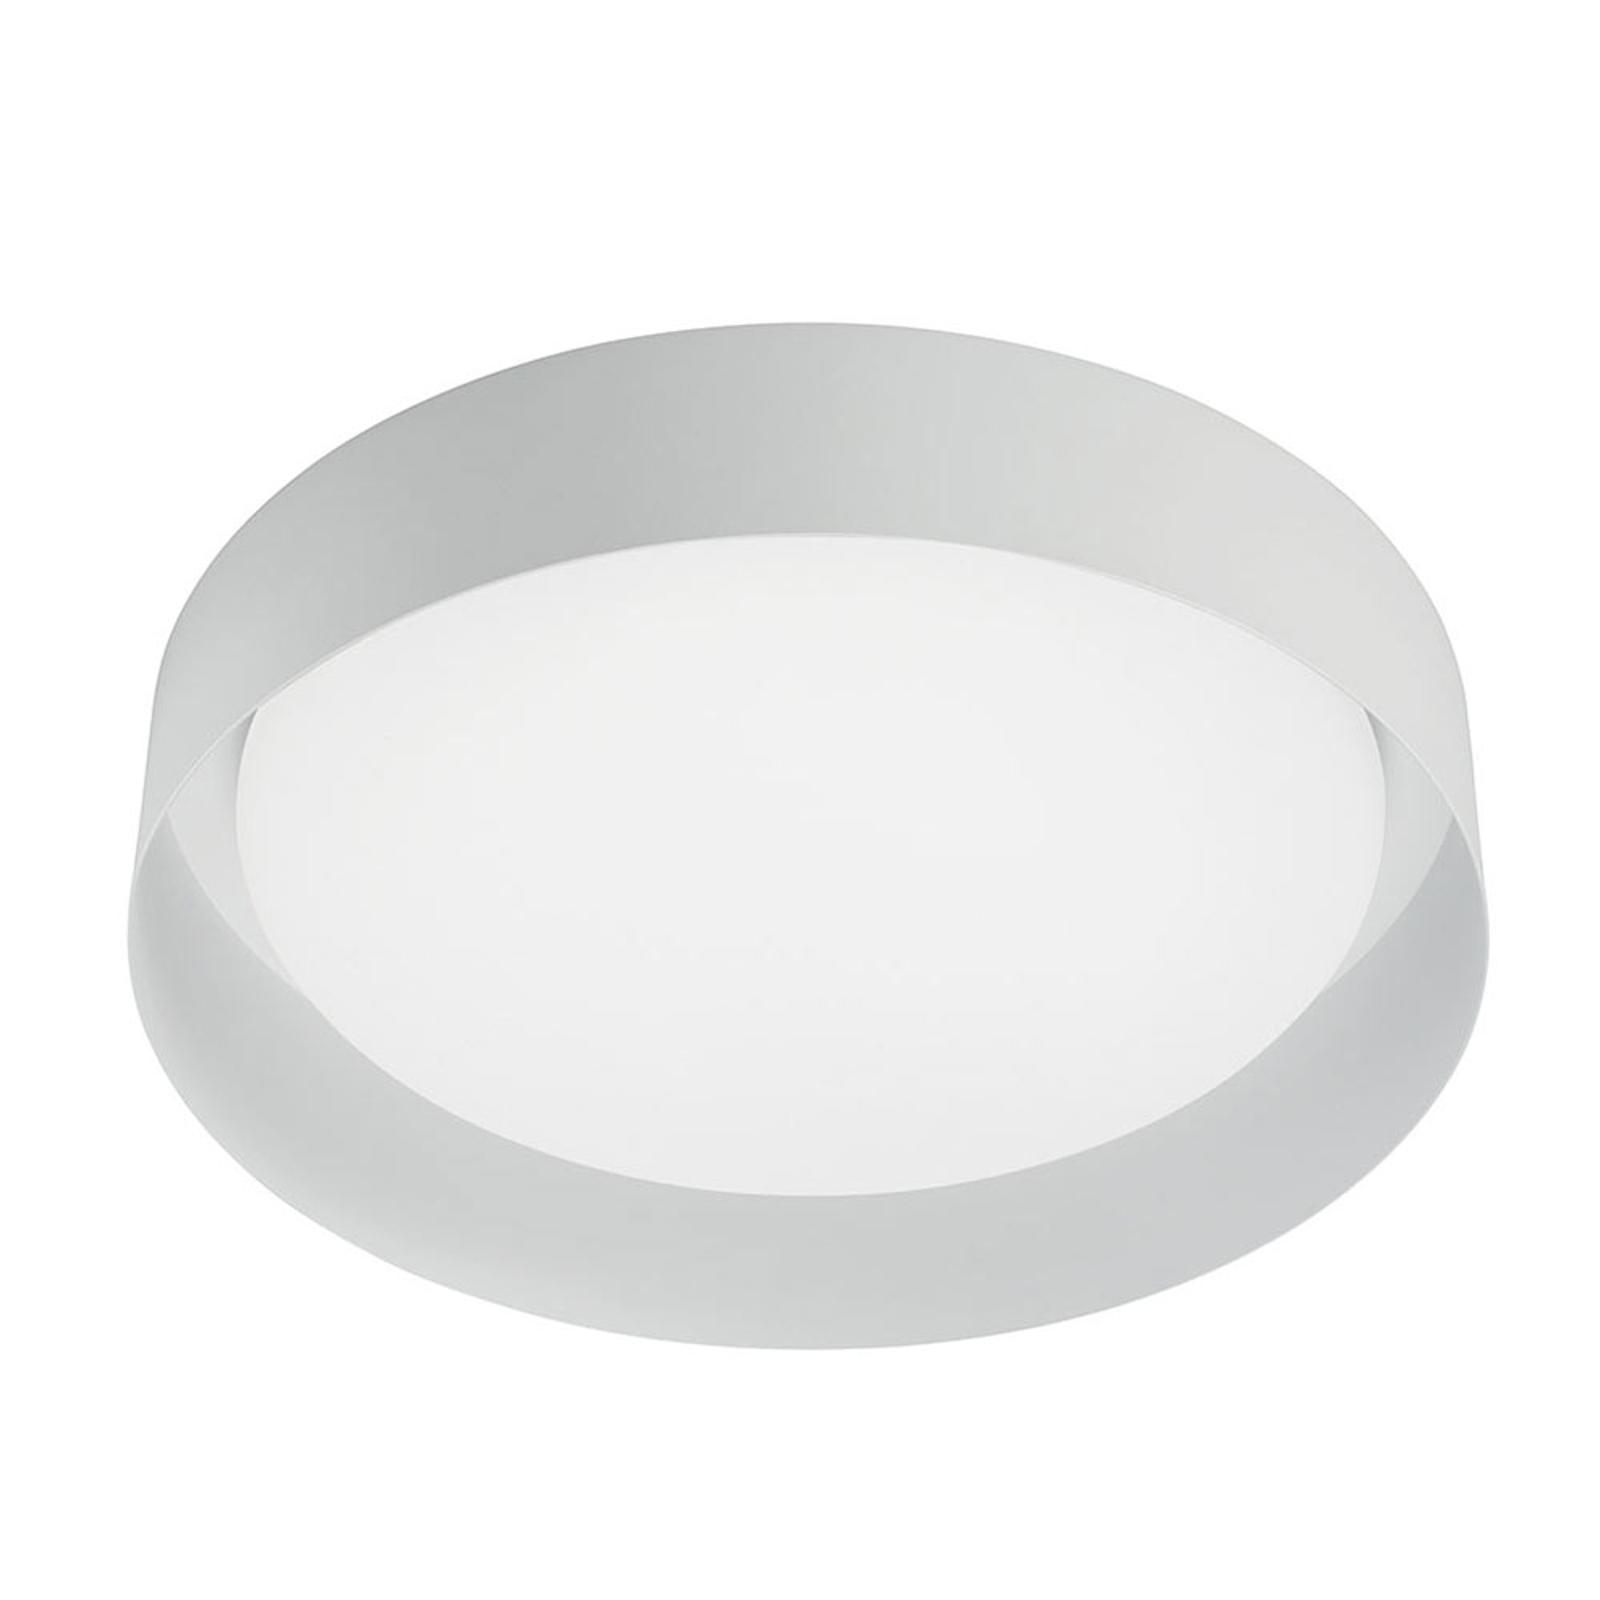 LED-kattovalaisin Crew 2, Ø 26 cm, valkoinen